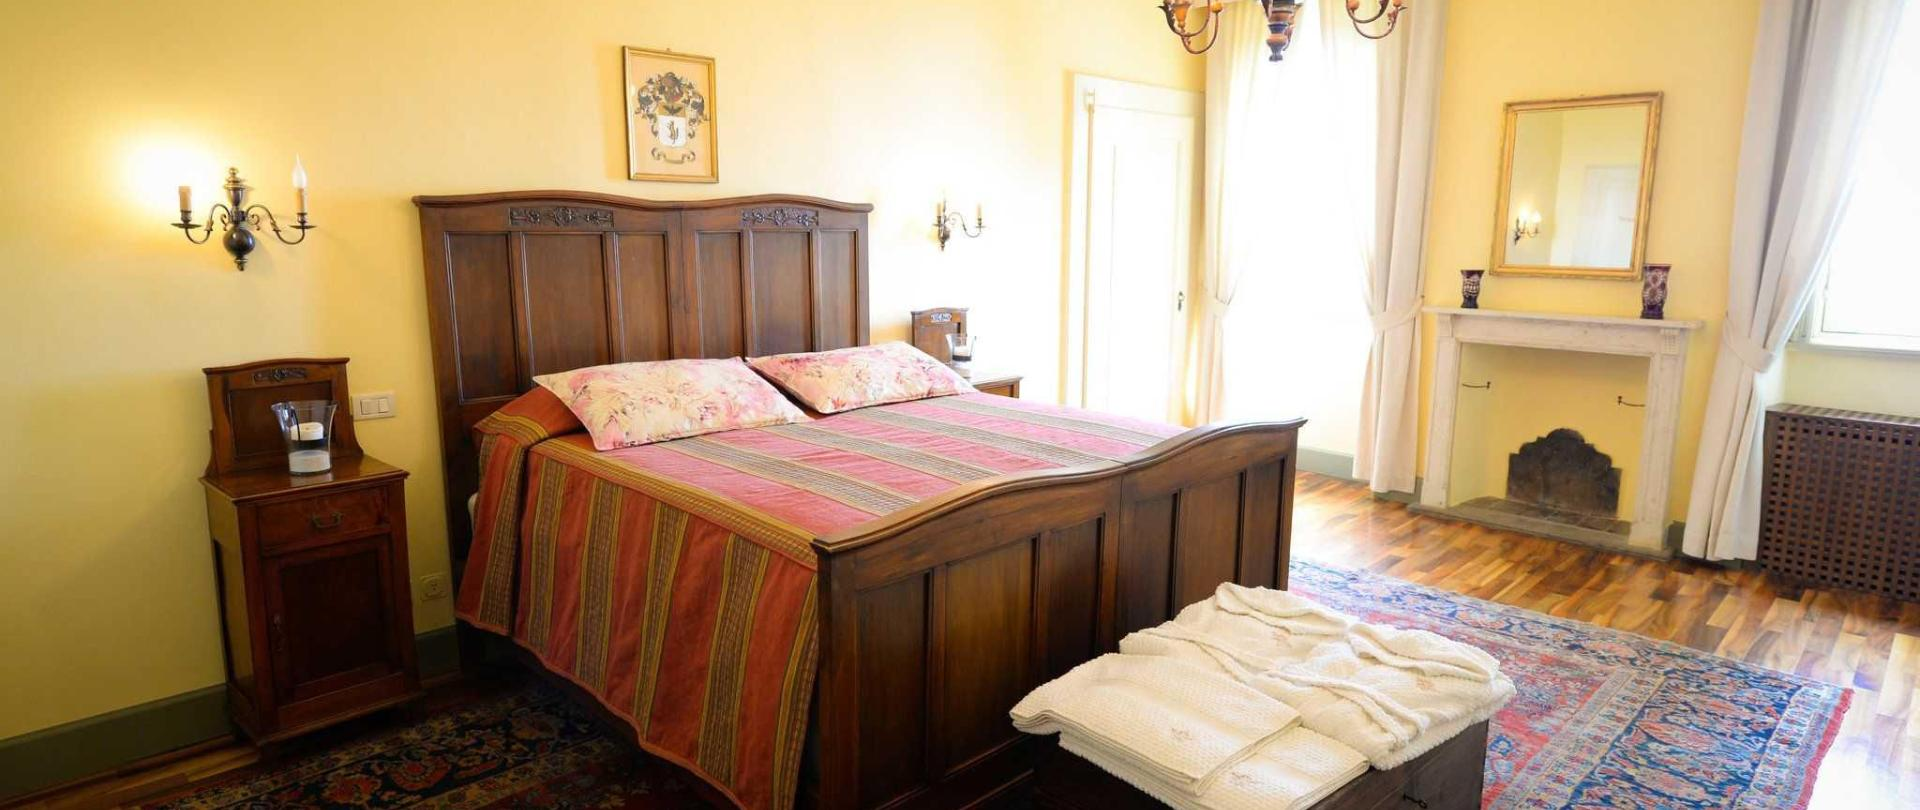 Castello degli Angeli Historical Suite.jpg